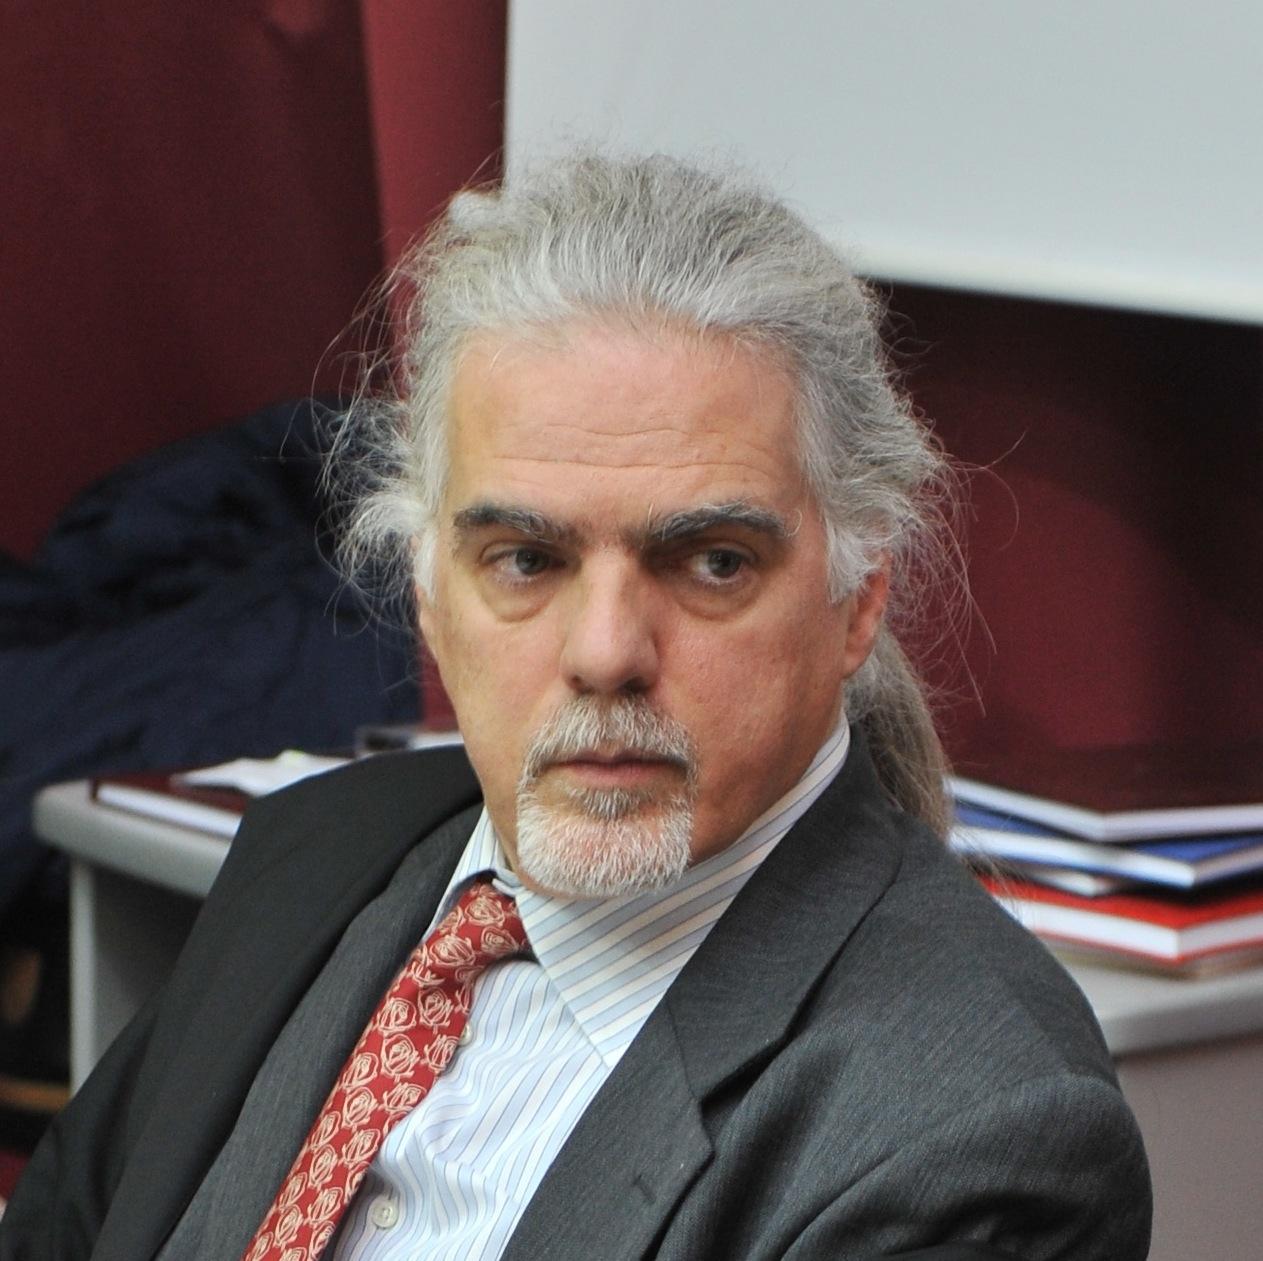 Diego SIMINI